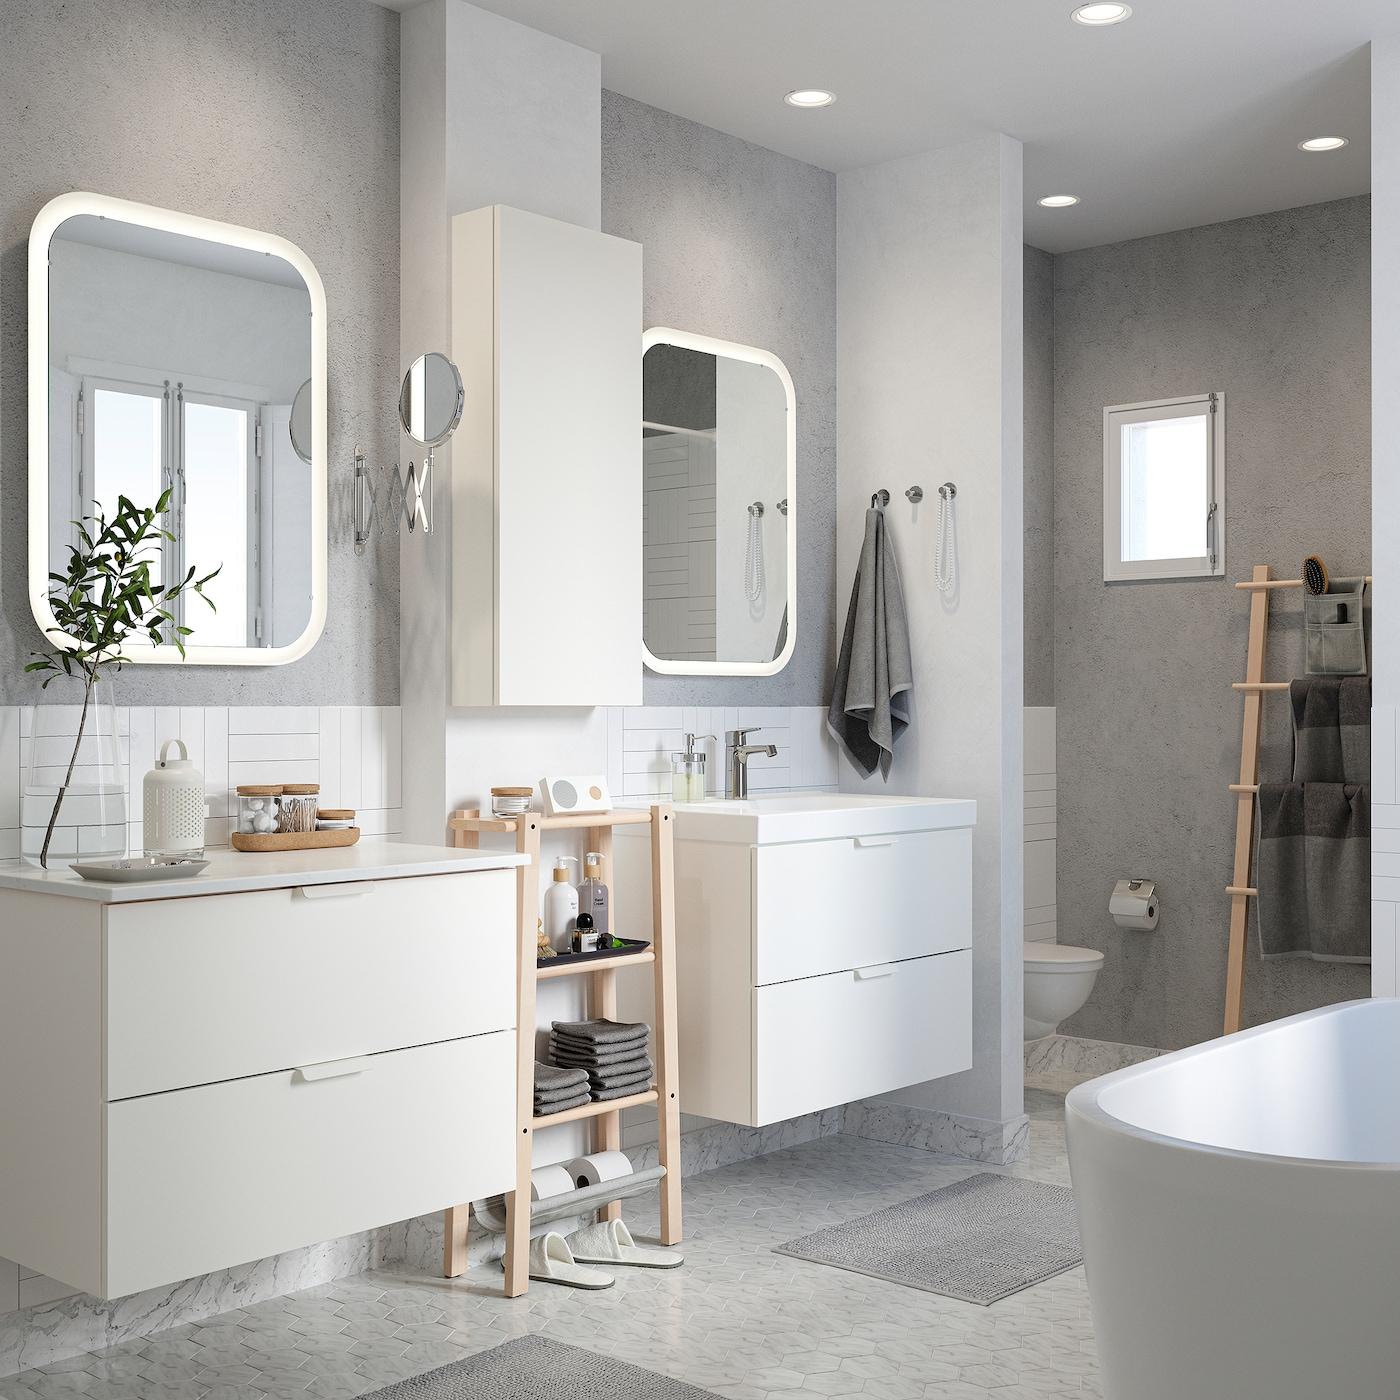 爽やかなホワイトのバスルーム。洗面台2台、照明付きミラーとバスマットが2枚ずつ、グレーのタオル。